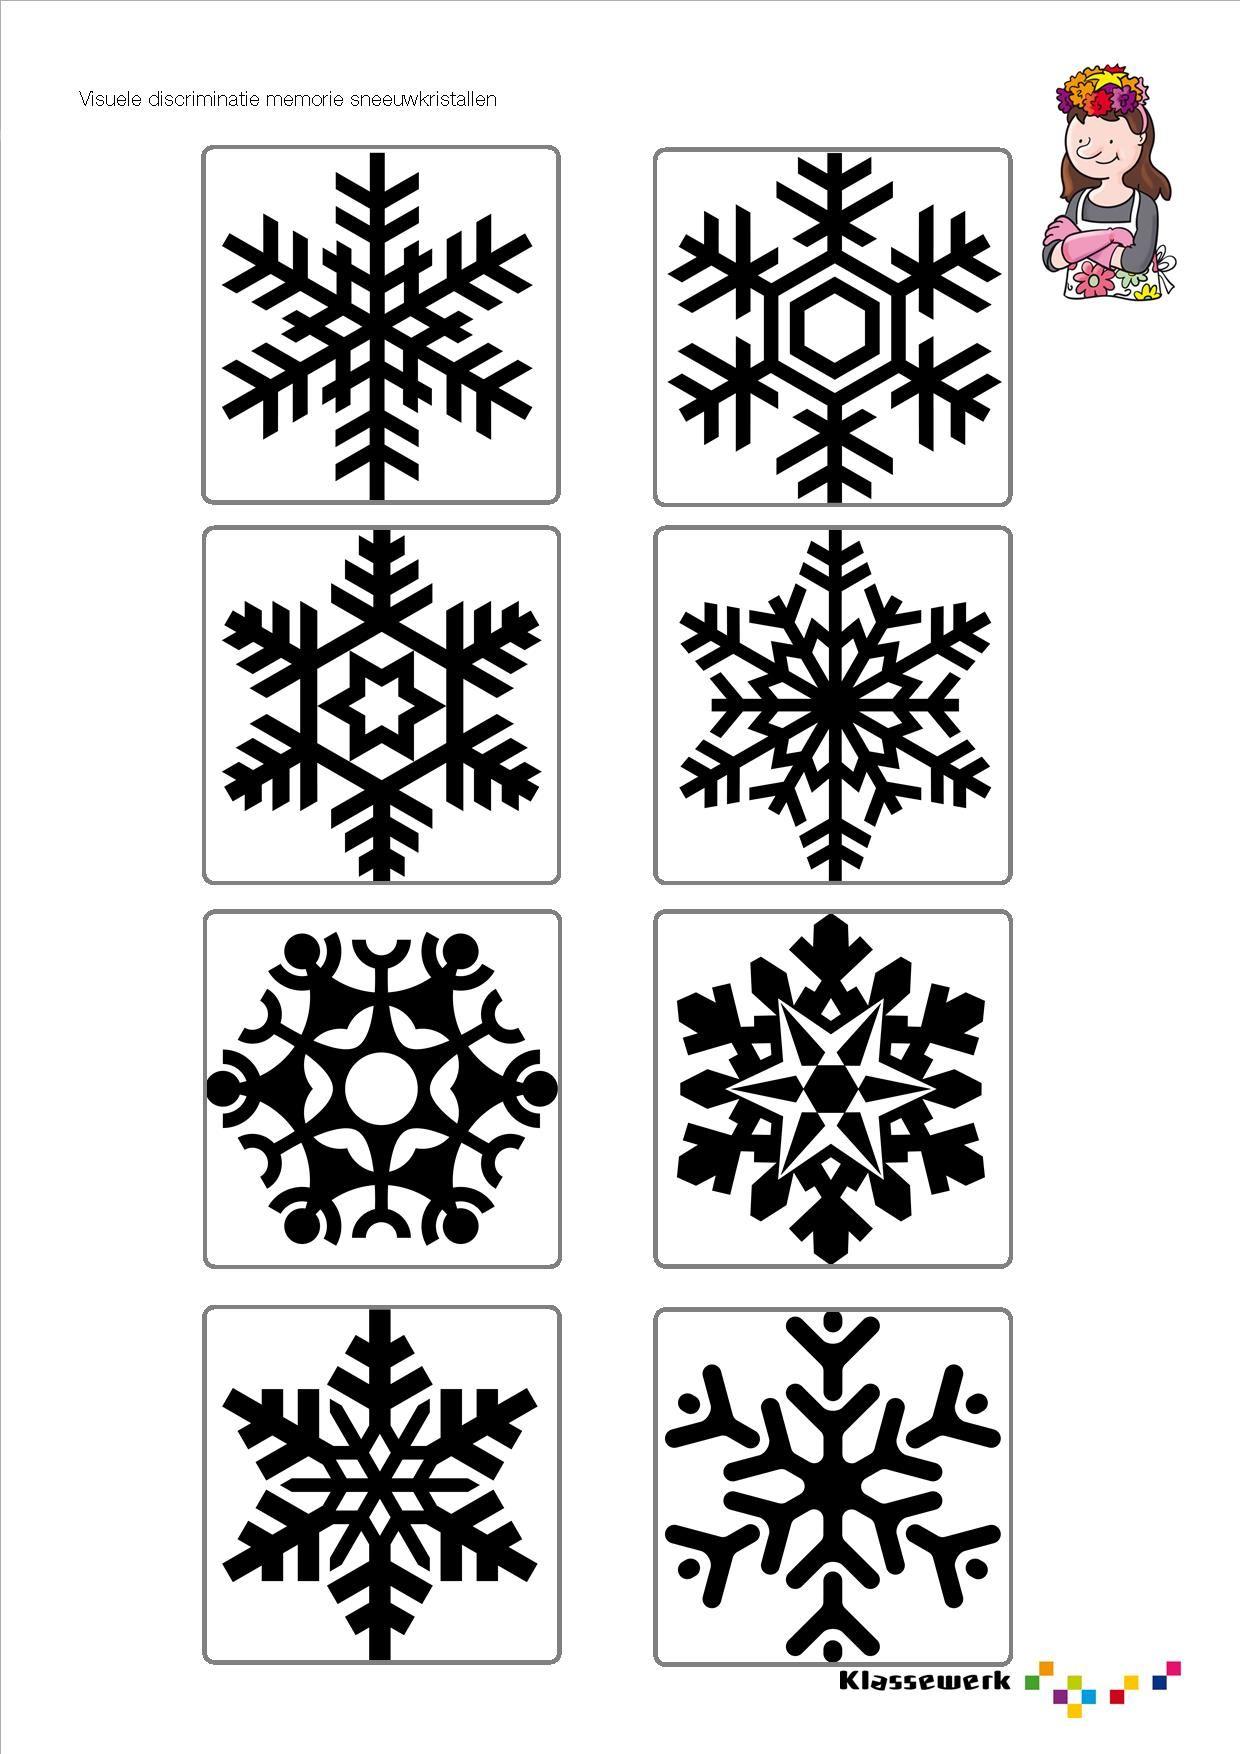 Ijkristallen Memorie Sneeuwvlokken Sneeuw Creatieve Ideeen